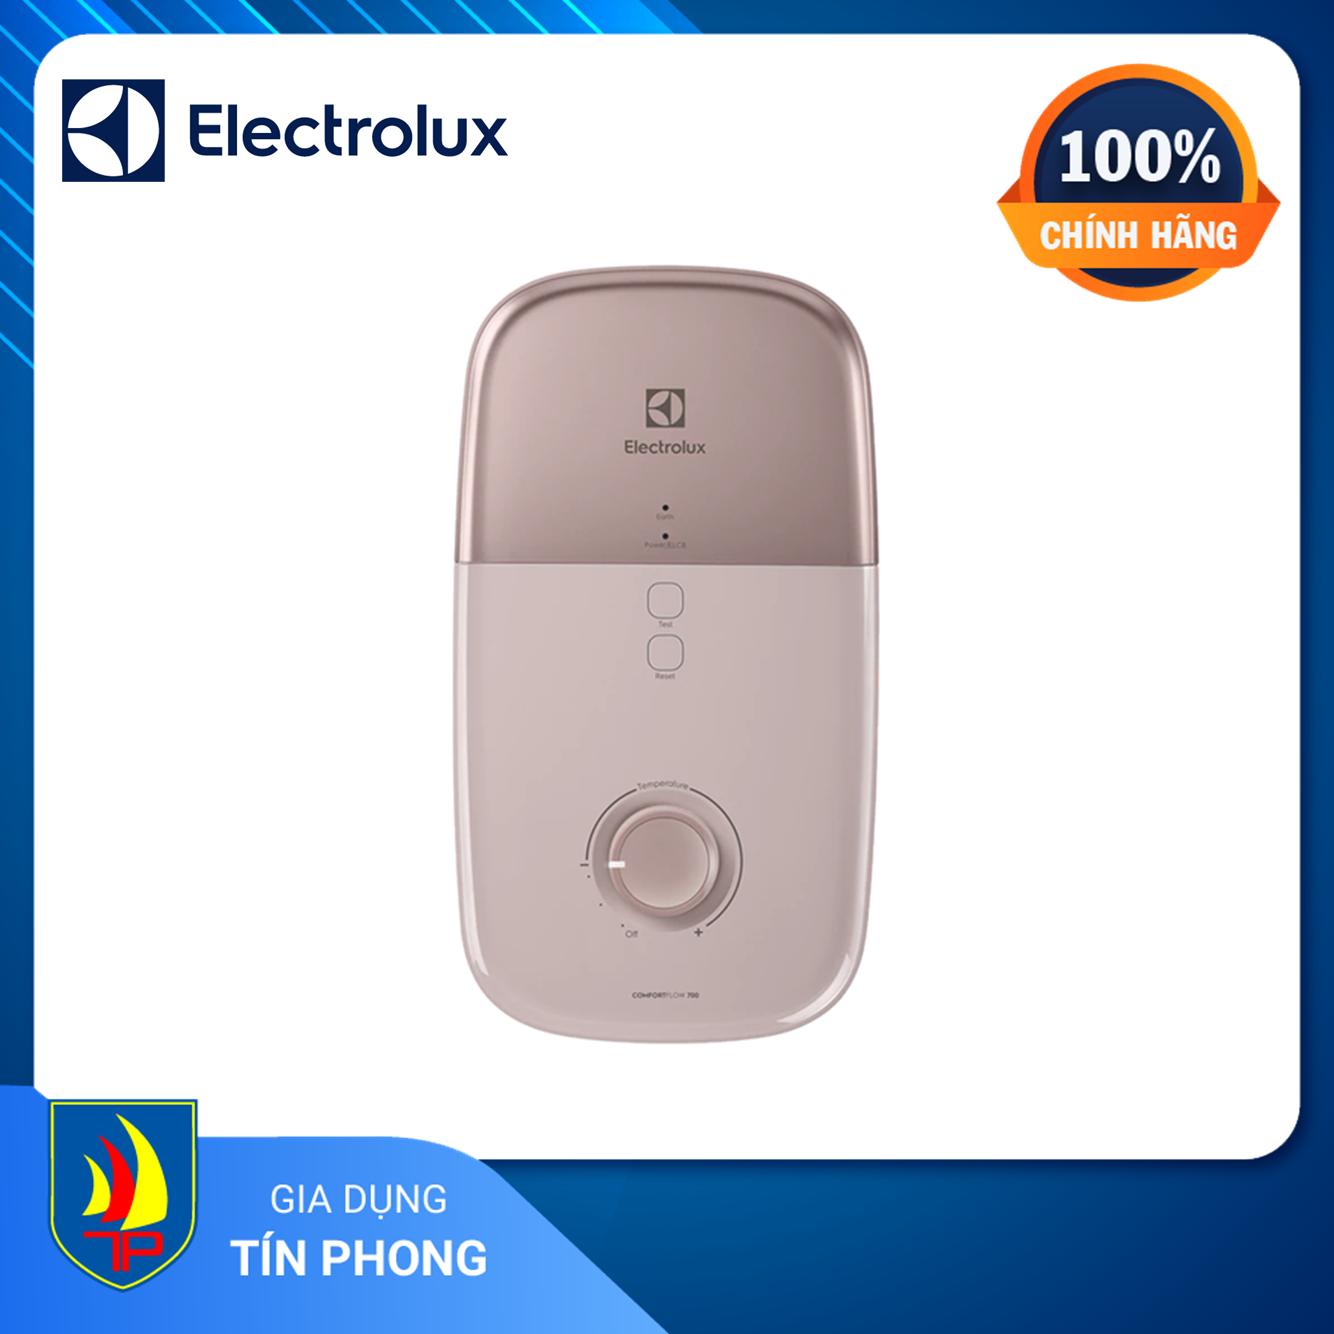 [Trả góp 0%]MÁY NƯỚC NÓNG ELECTROLUX EWE451LB-DPX2. Loại máy: Trực tiếp. Công suất: 4500W. ELCB chống giật an toàn cho người sử dụng